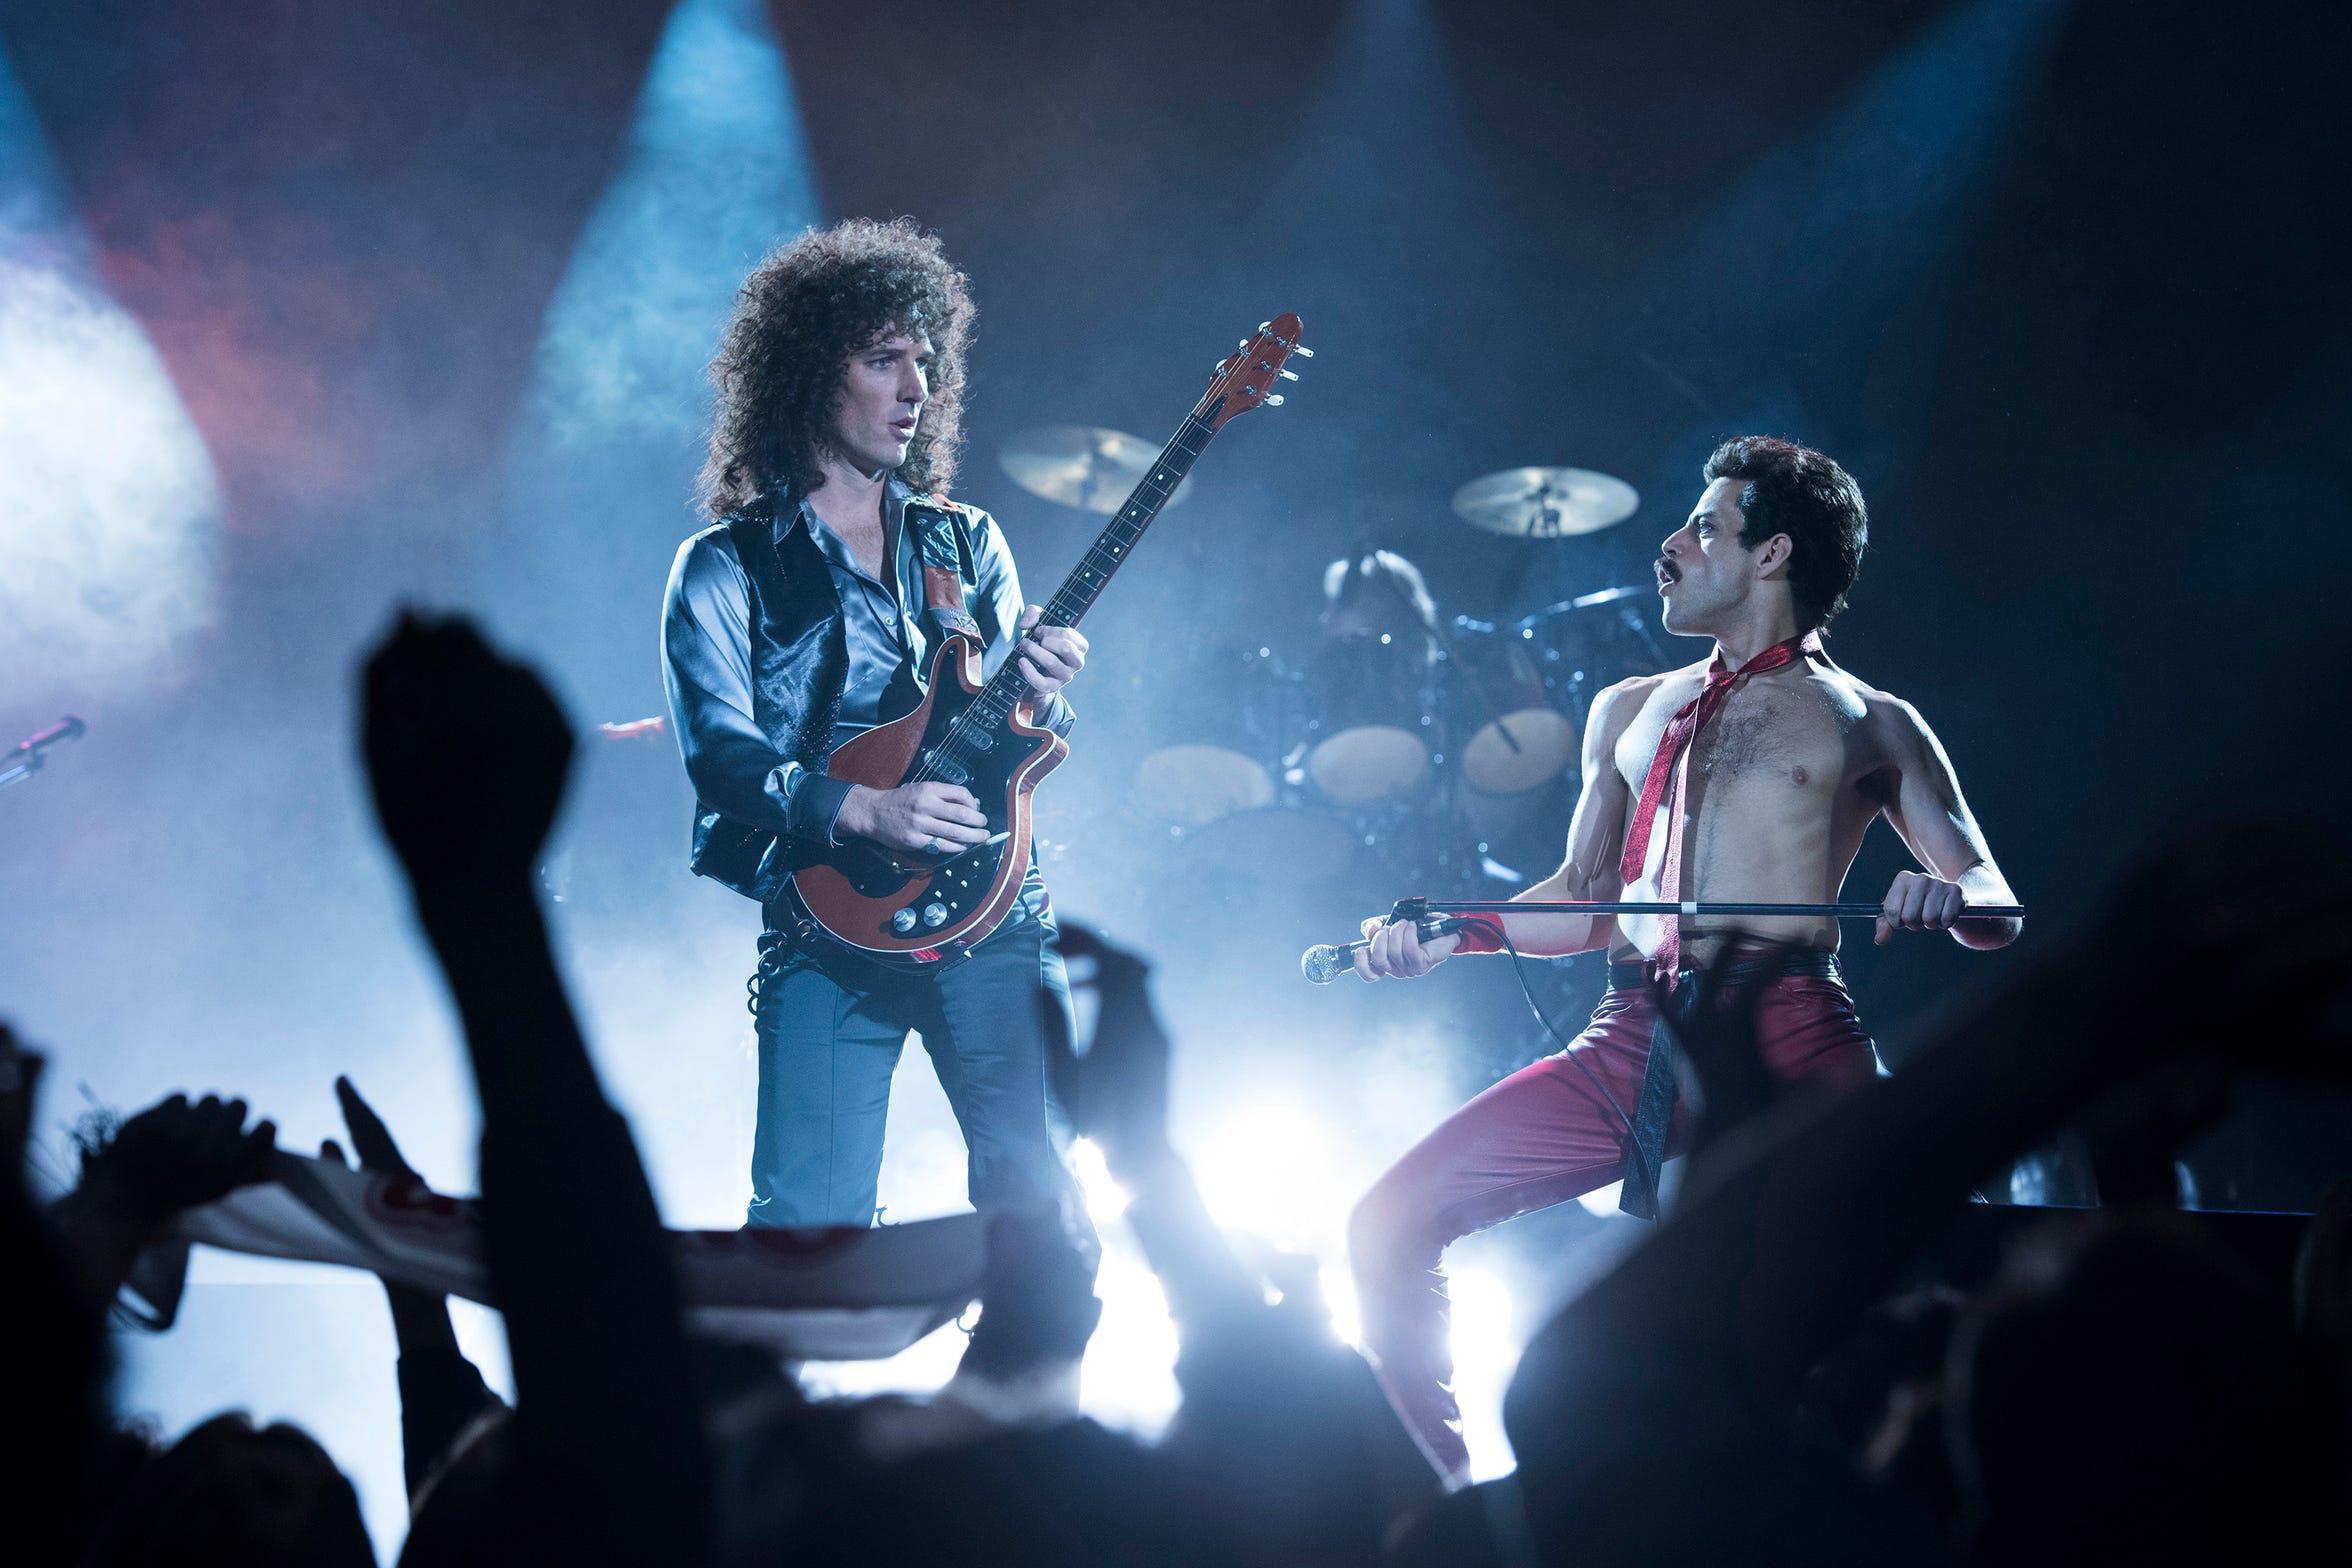 """From left to right: Gwilym Lee (Brian May) and Rami Malek (Freddie Mercury) star in Twentieth Century Fox's """"Bohemian Rhapsody."""""""